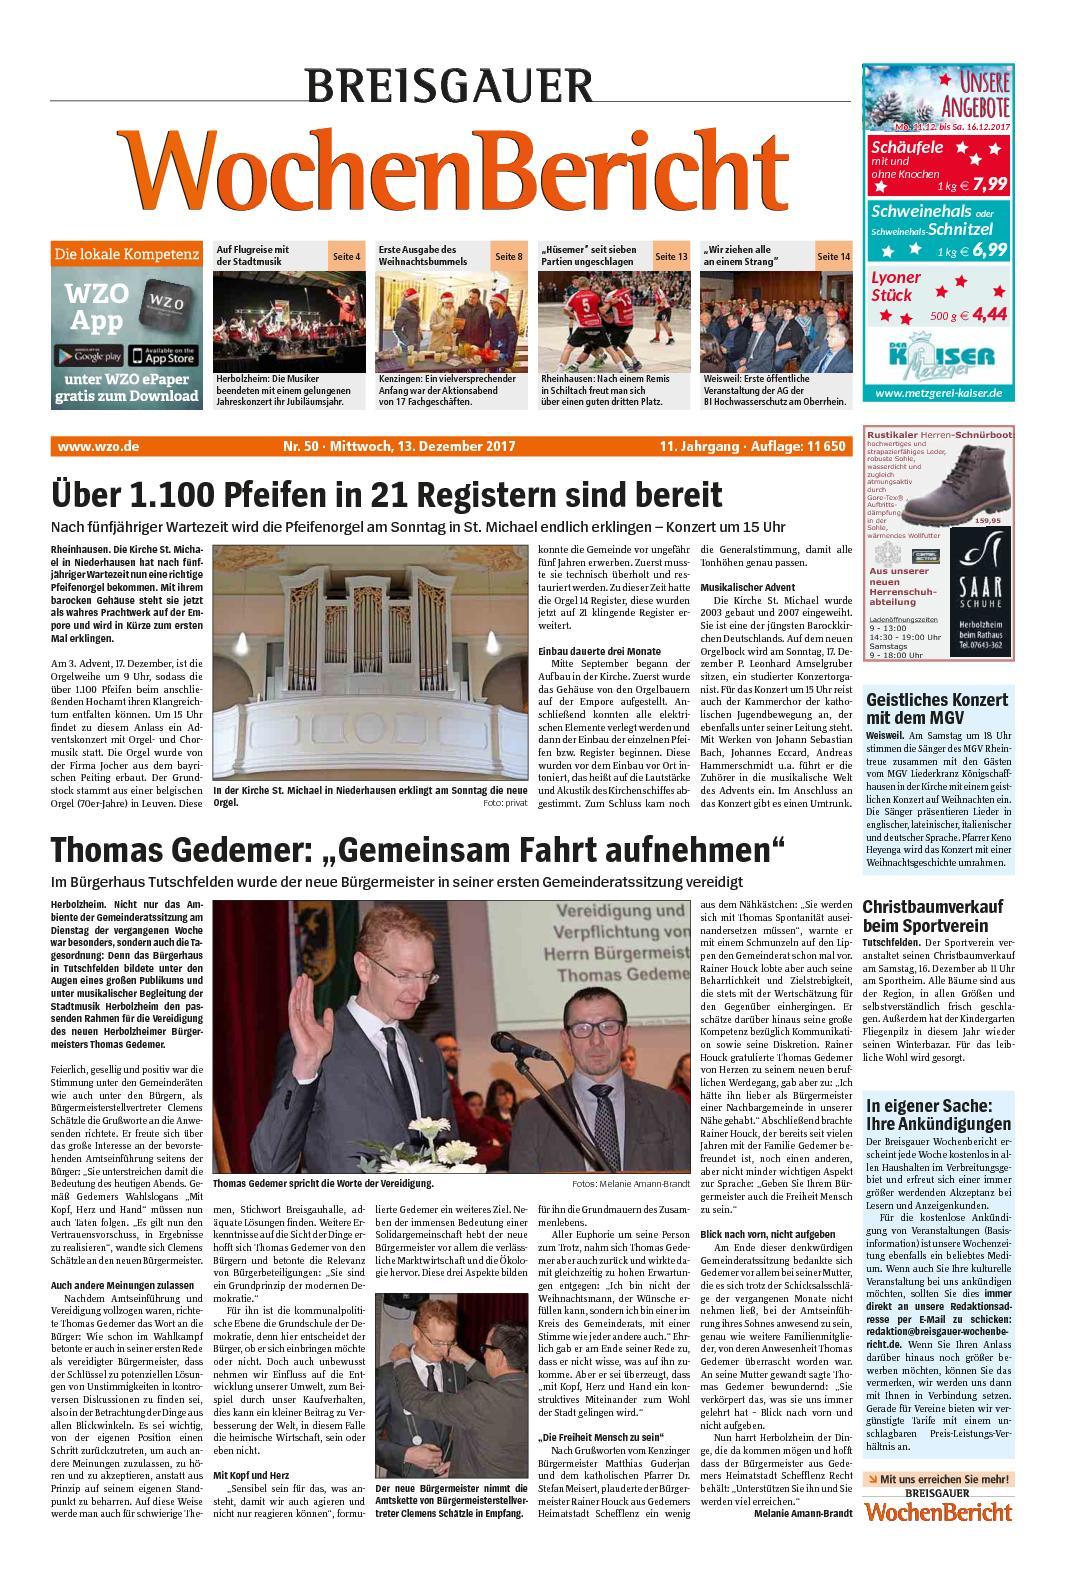 Breisgauer-Wochenbericht